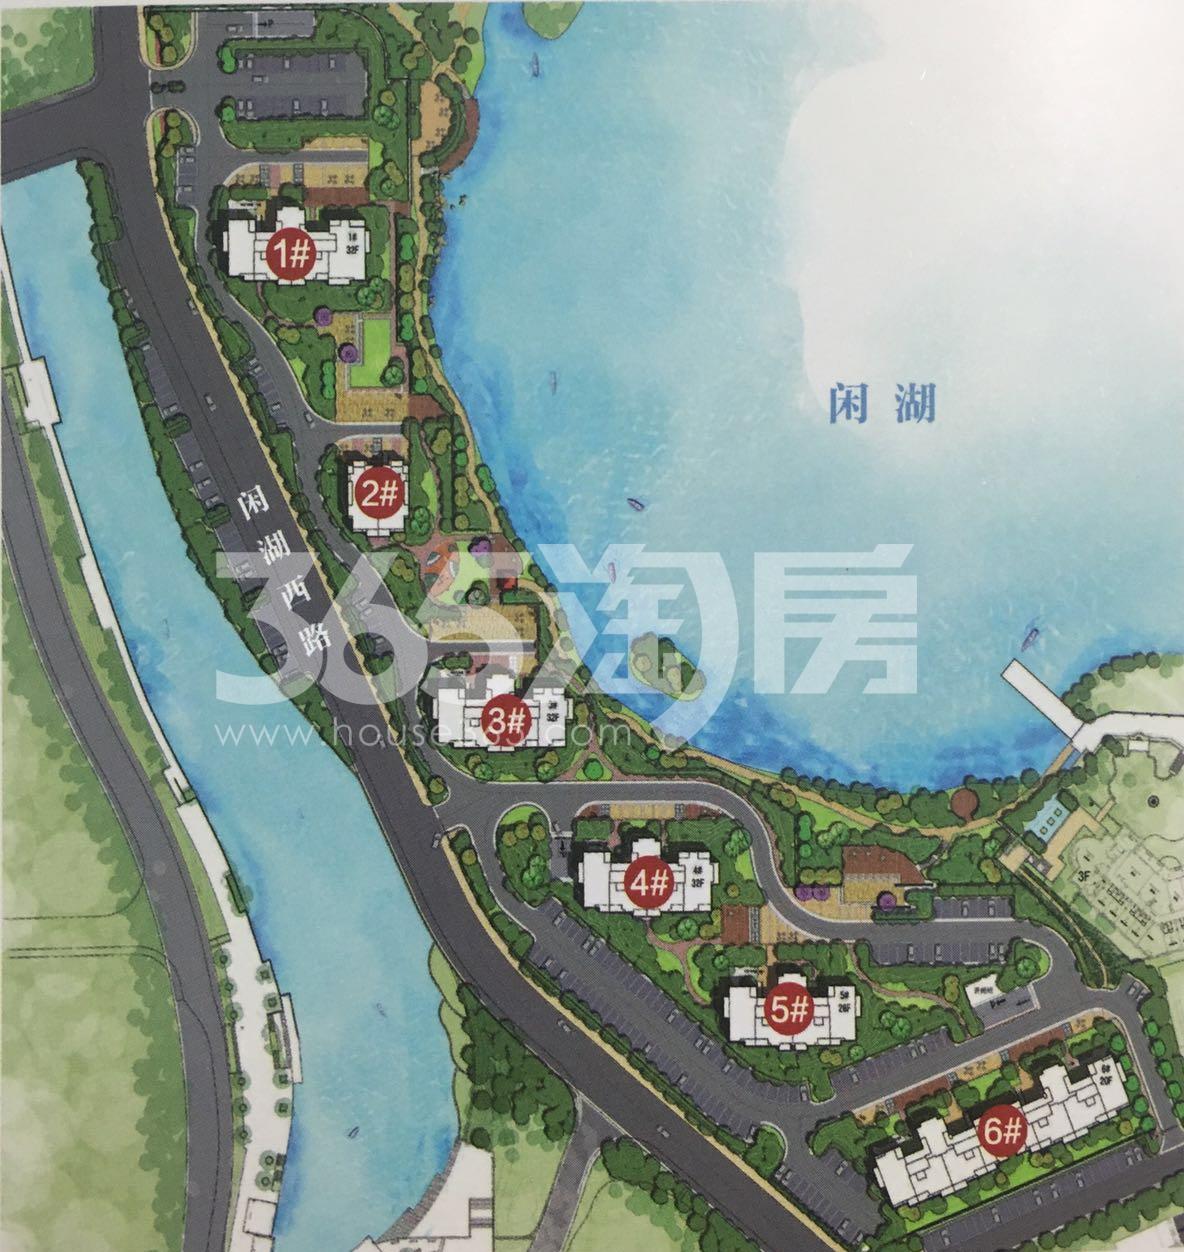 东海闲湖城玉屏蓝湾鸟瞰图